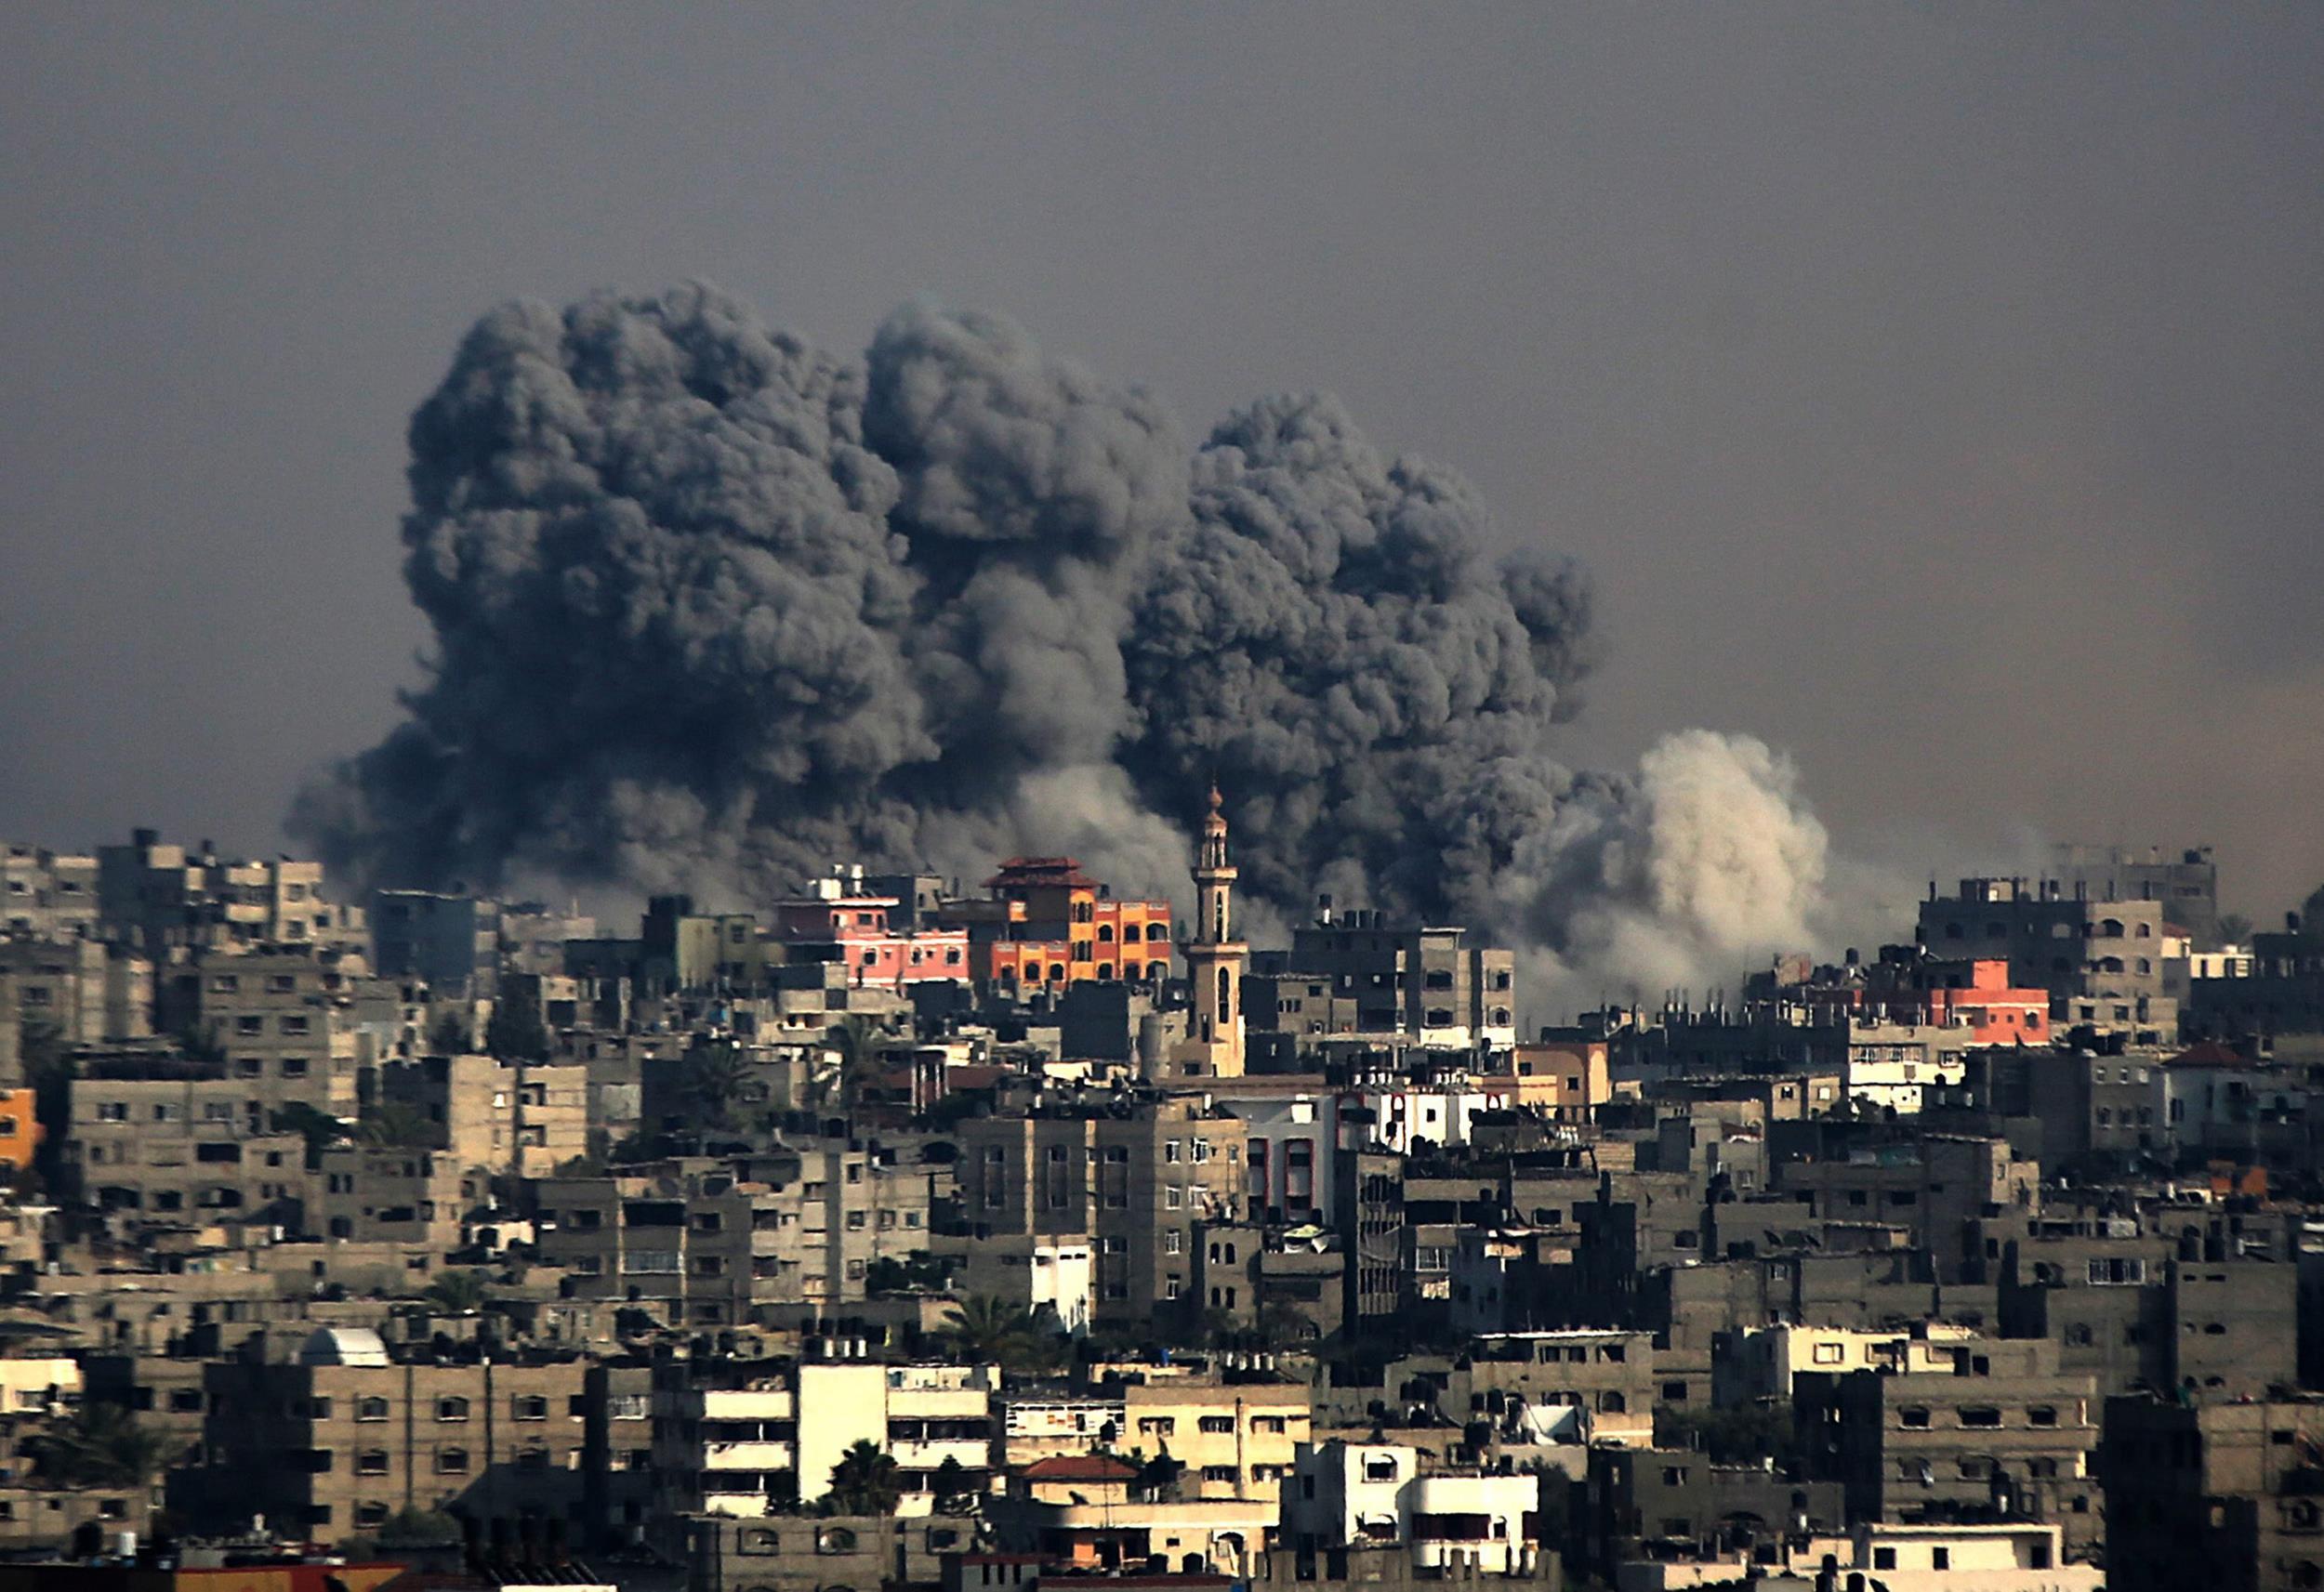 140723-gaza-strike-630a_e0d7fb67183e8567a77deaea435c57fa